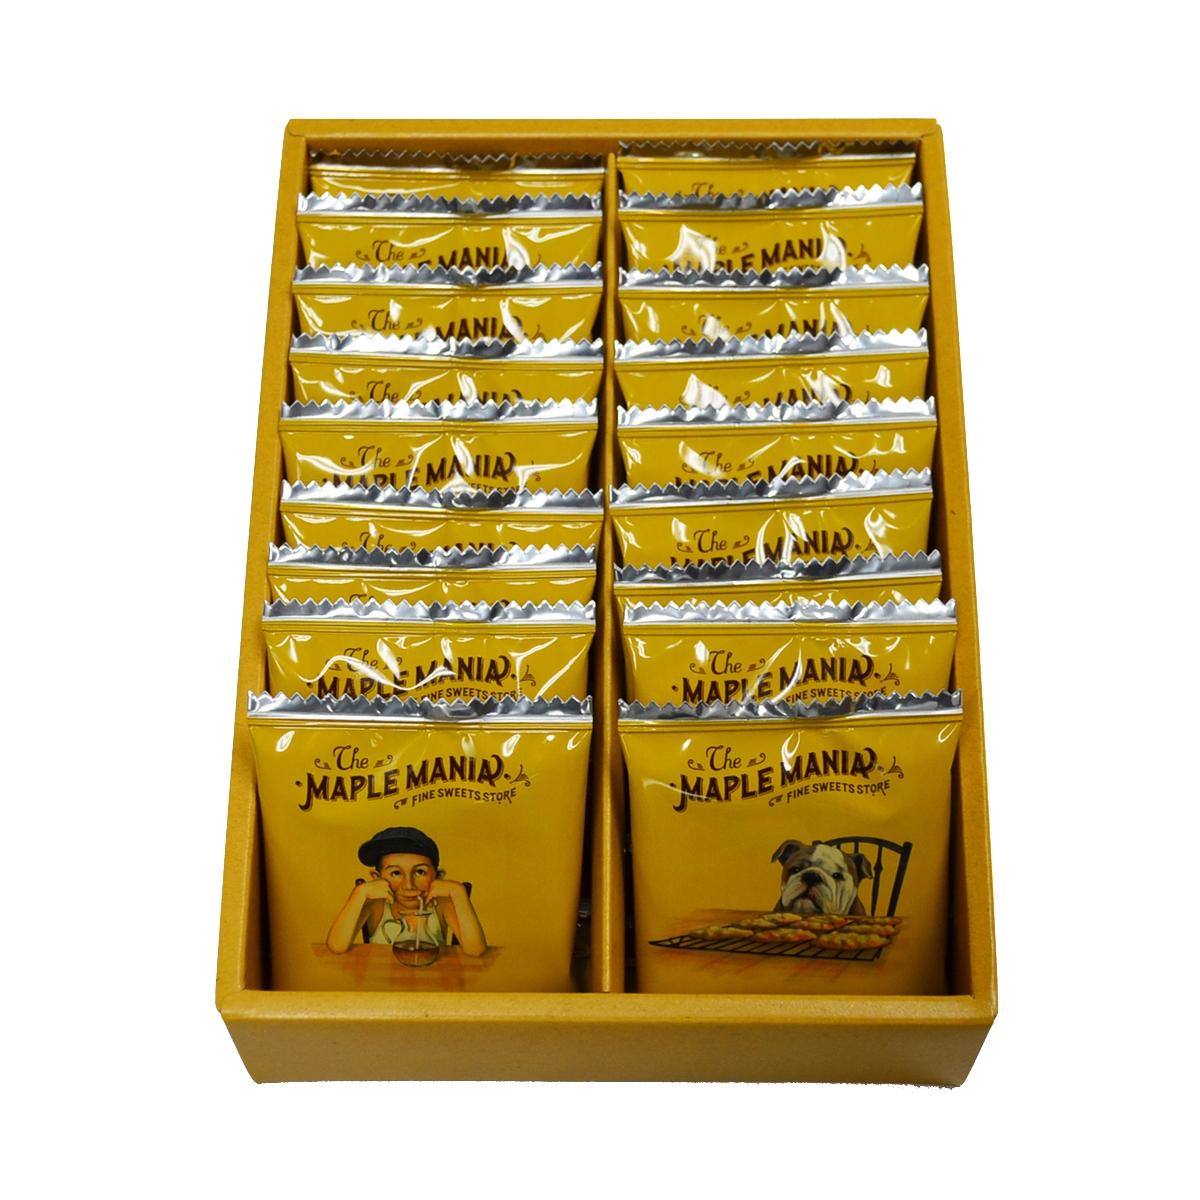 這天開賣快筆記!東京必買伴手禮「The maple mania 楓糖男孩」楓糖奶油餅首次在台快閃販售!